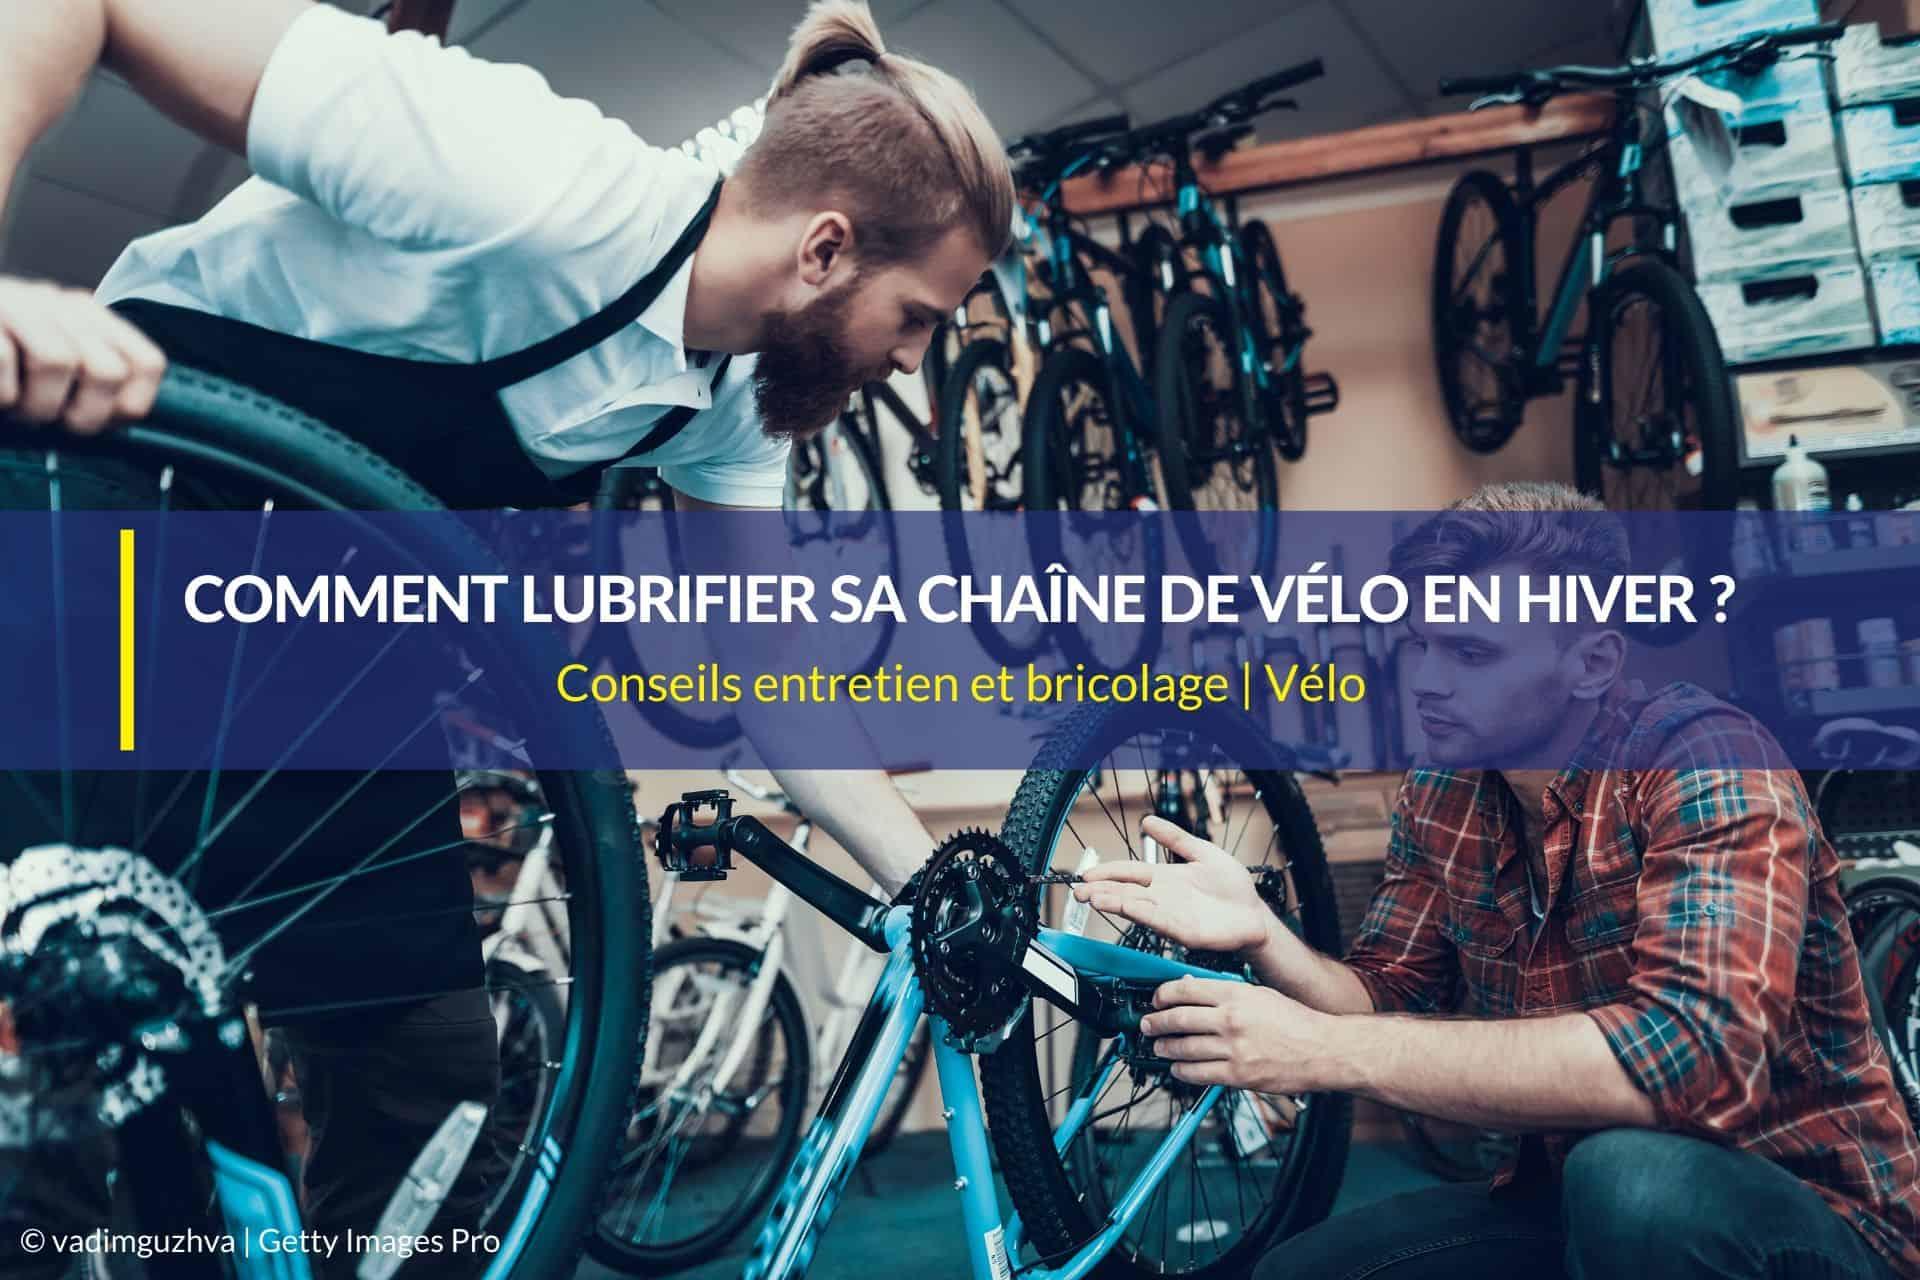 lubrifier chaine vélo hiver